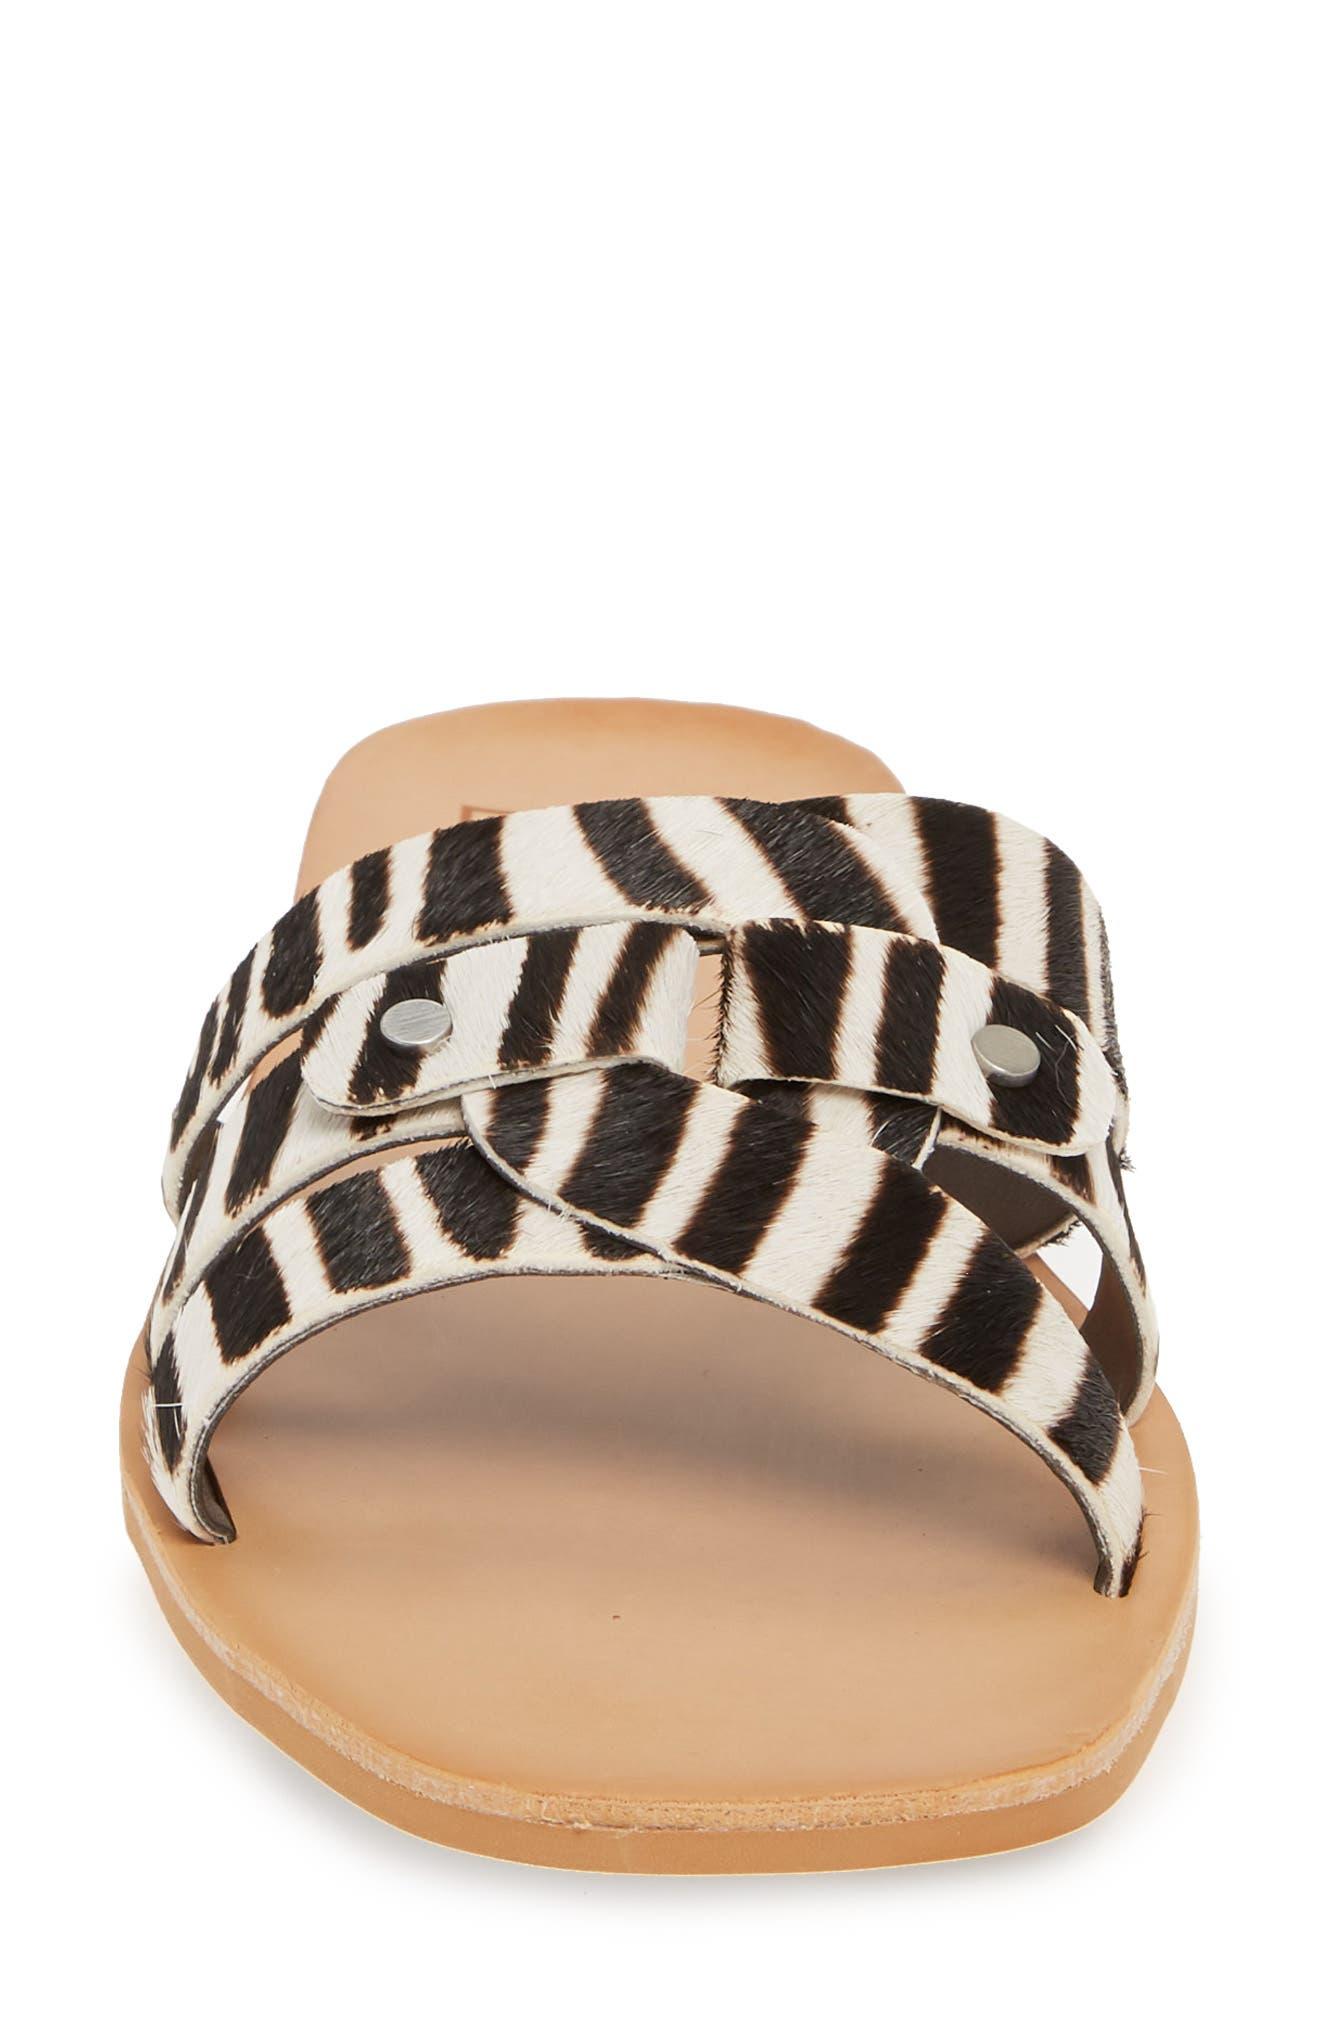 DOLCE VITA, Cait Genuine Calf Hair Slide Sandal, Alternate thumbnail 4, color, ZEBRA PRINT